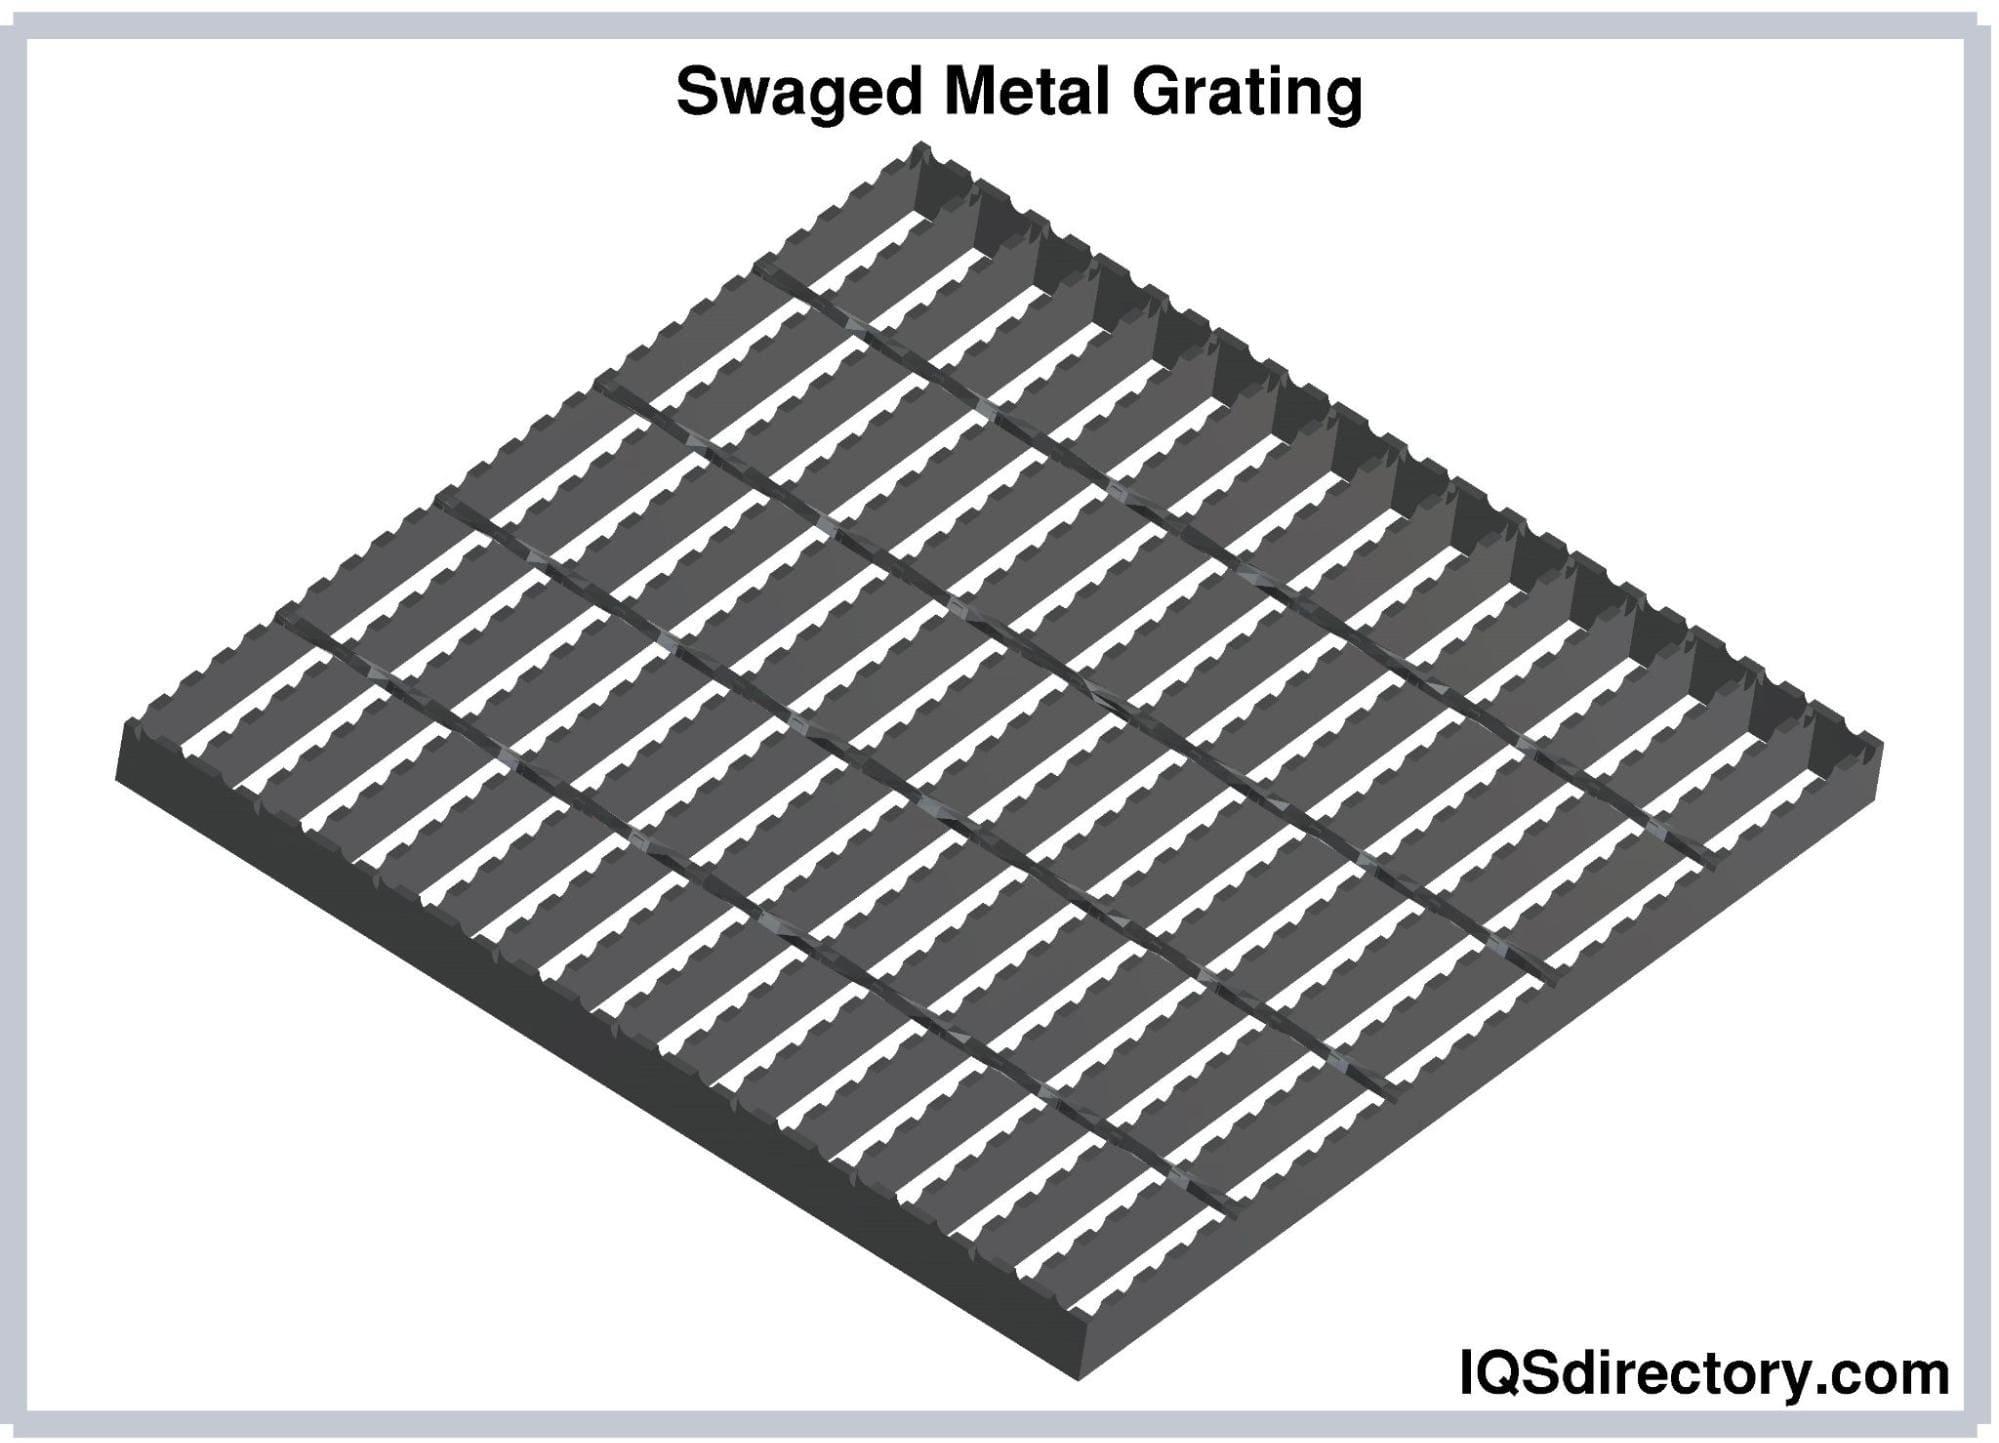 Swaged Metal Grating